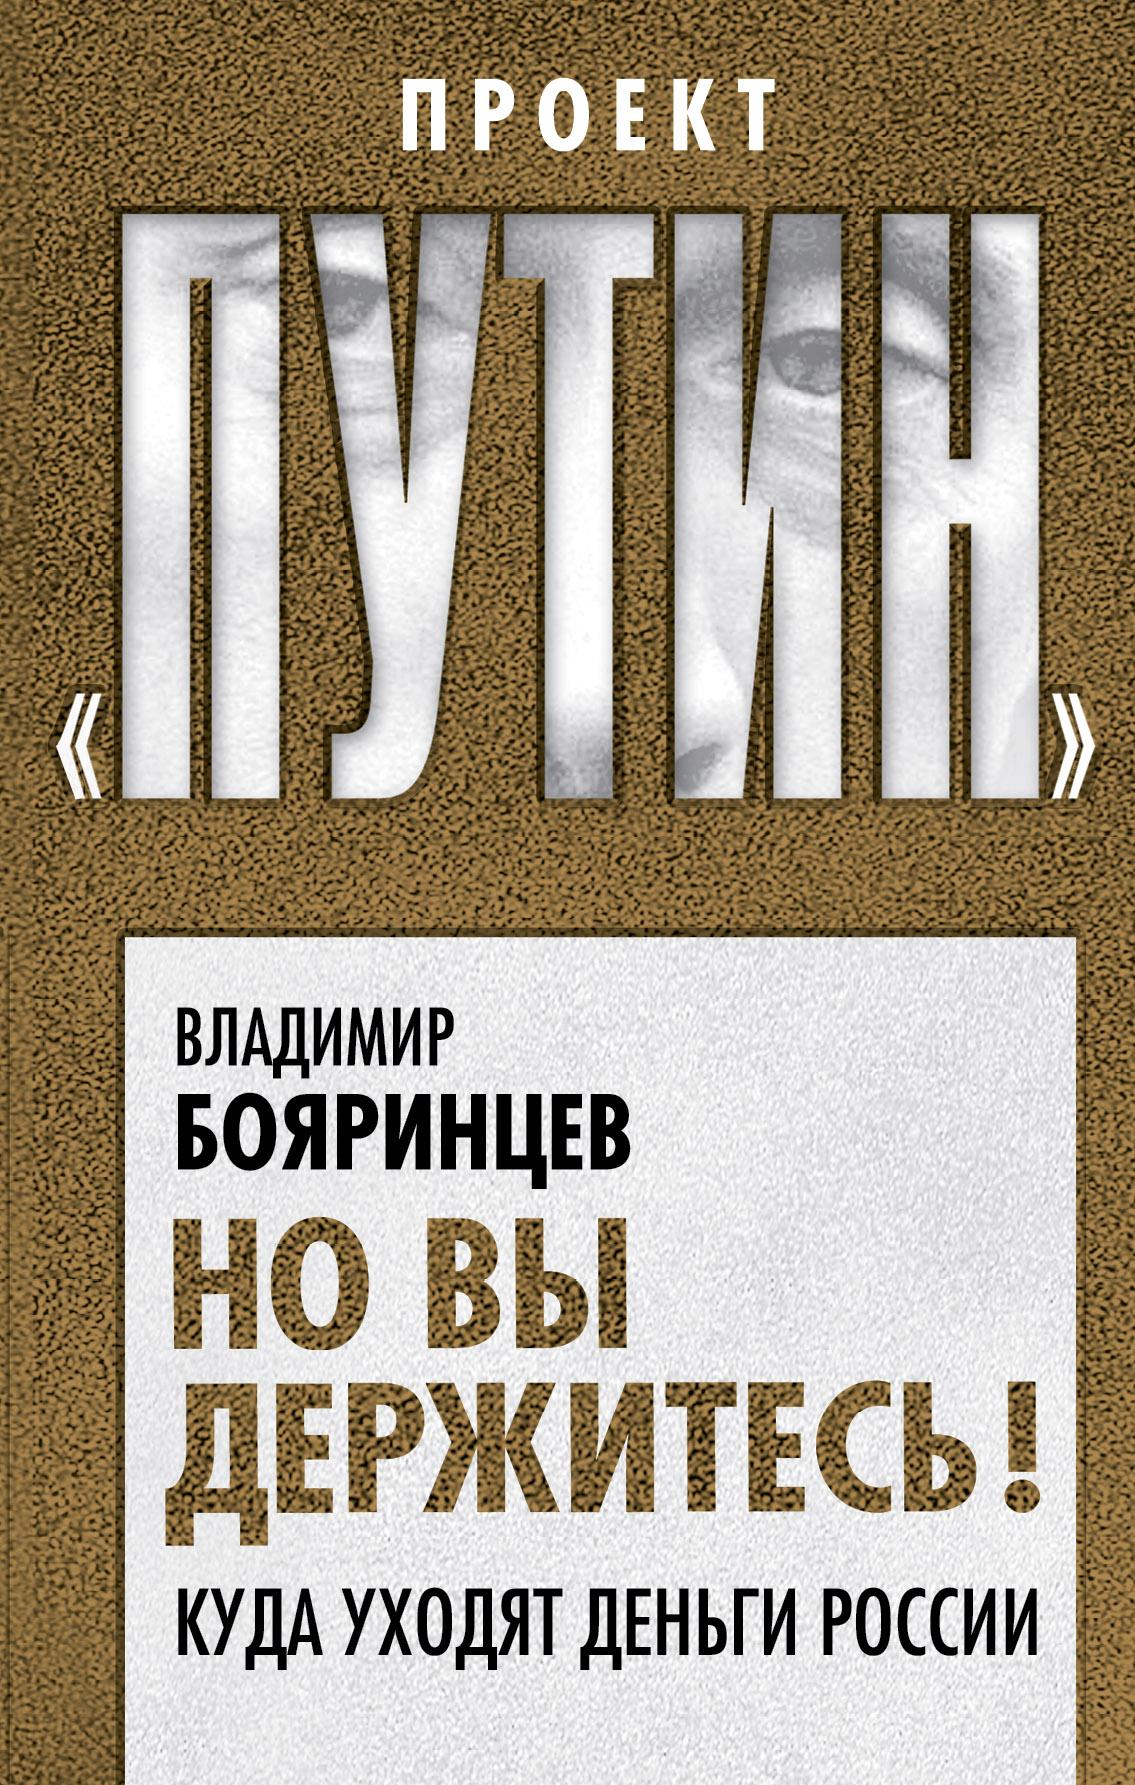 Бояринцев Владимир Но вы держитесь! Куда уходят деньги России